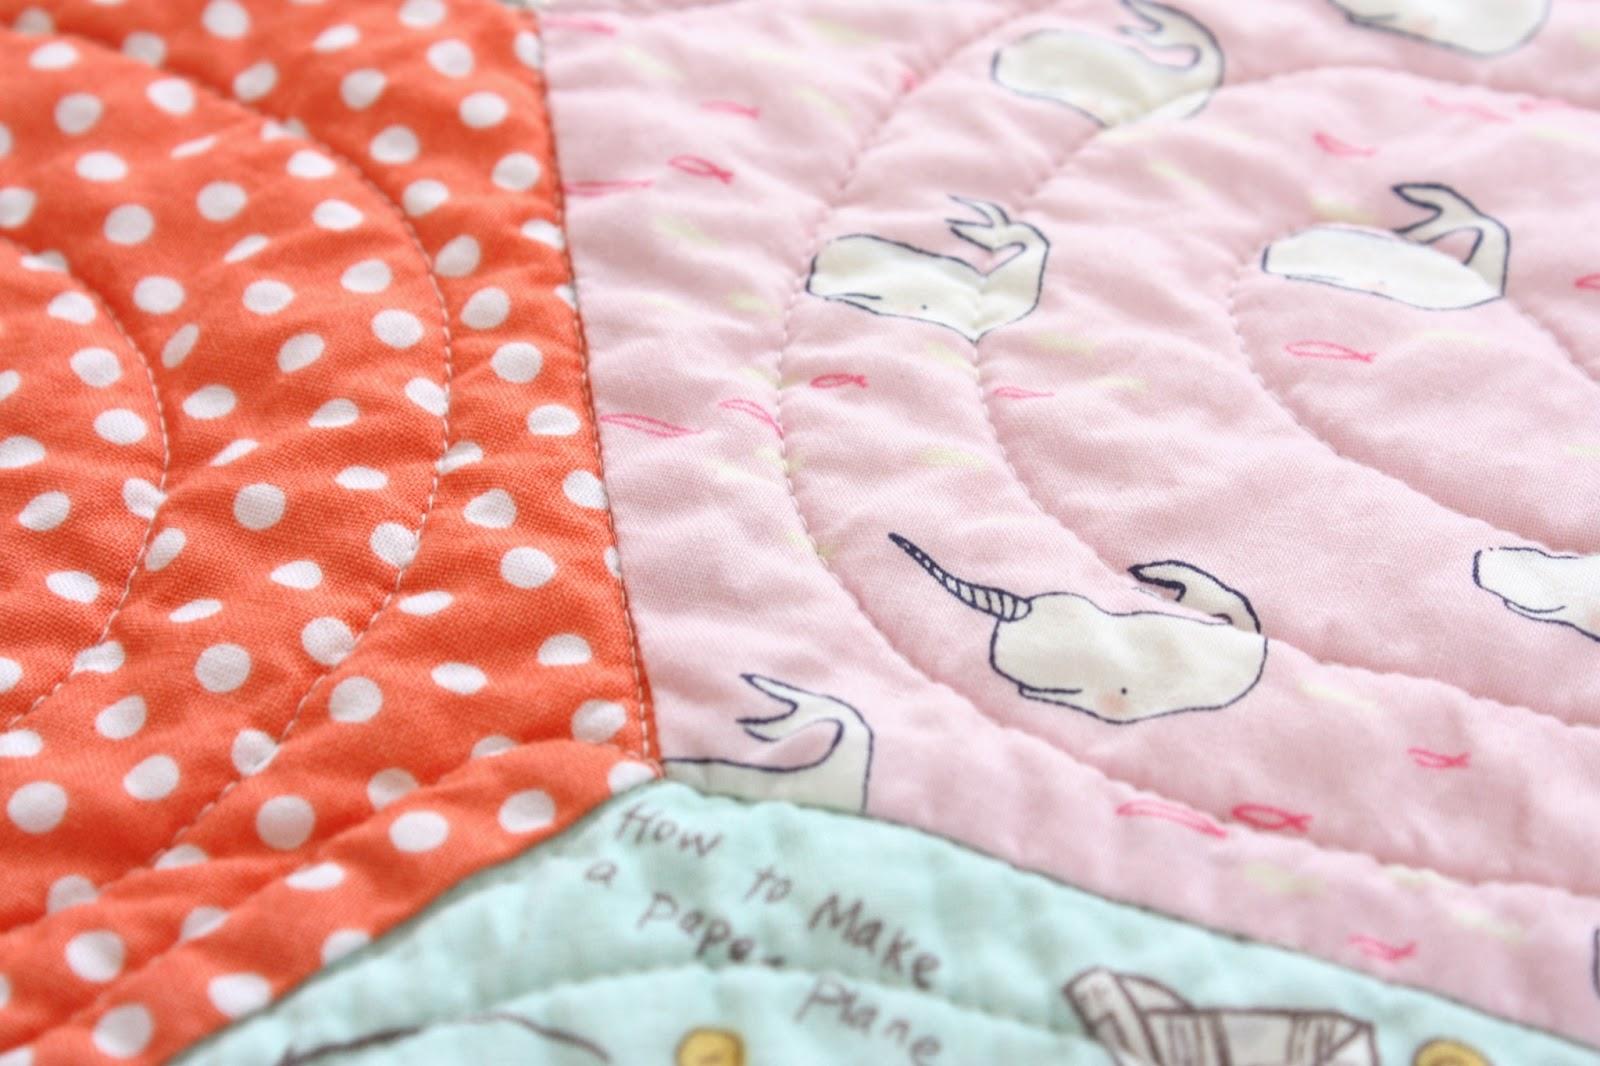 Hexagon baby quilt : hexagon baby quilt - Adamdwight.com